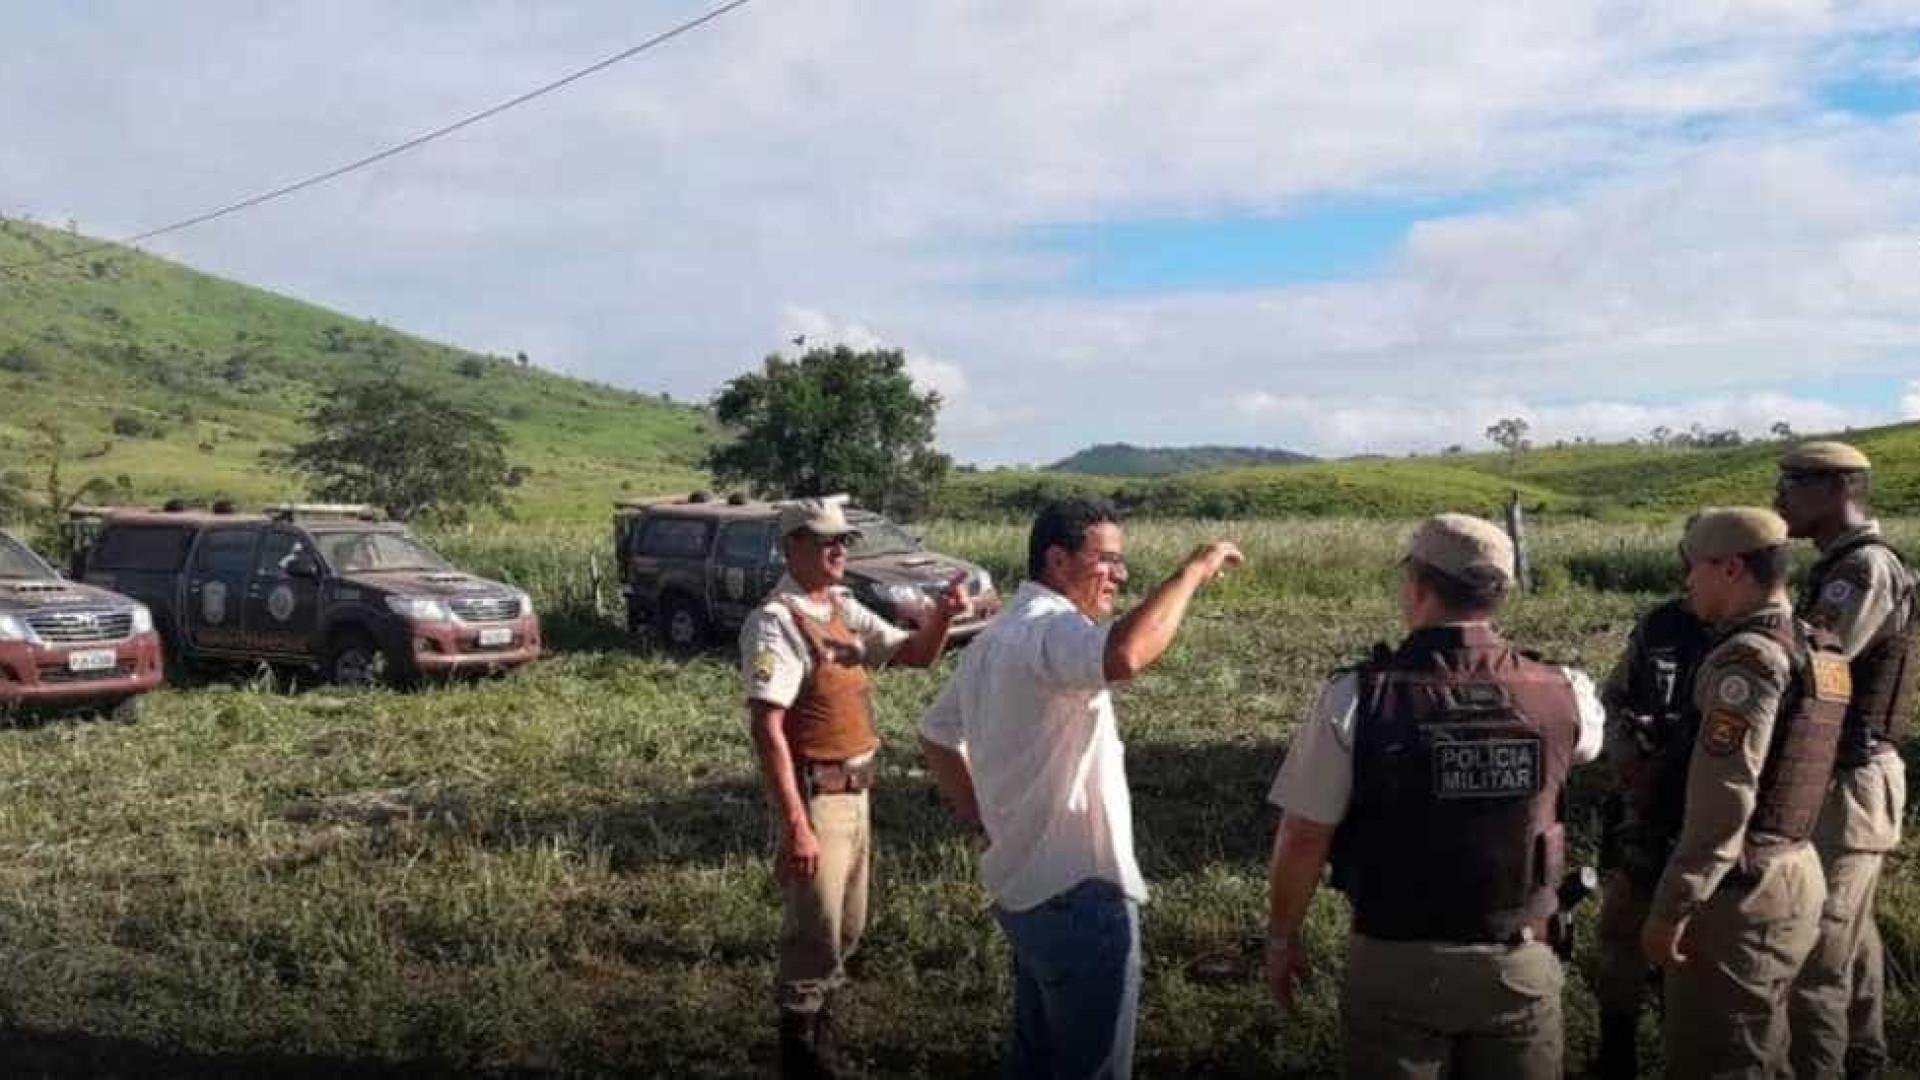 Indígenas desocupam fazenda da família de Geddel na BA